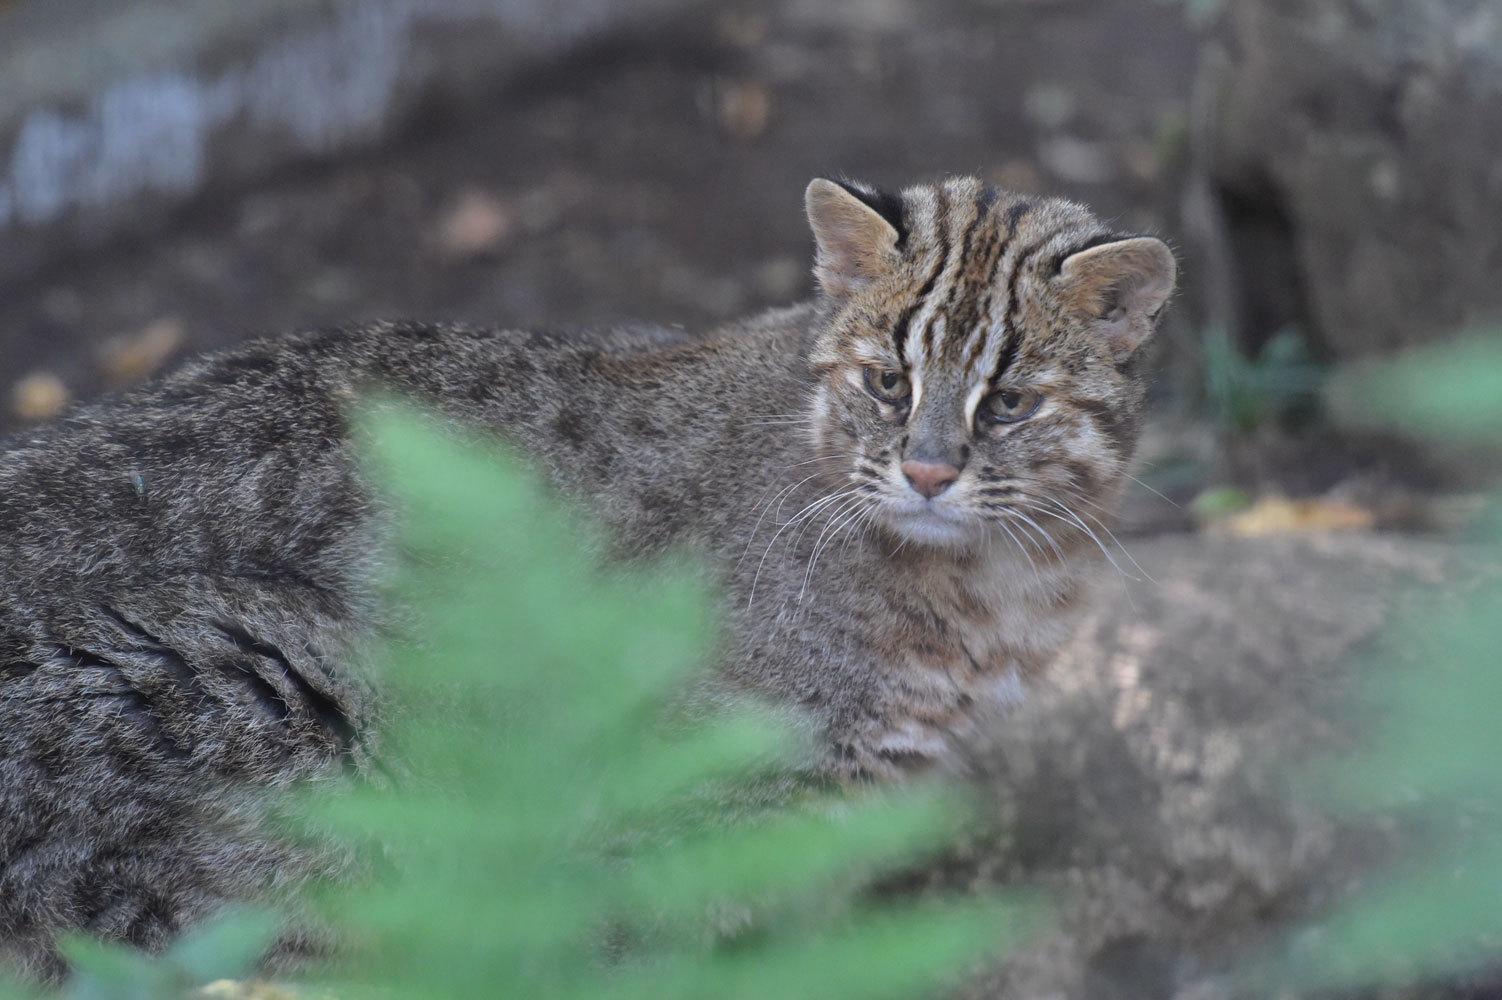 移り変わる季節を動物で知る_b0023856_06581109.jpg